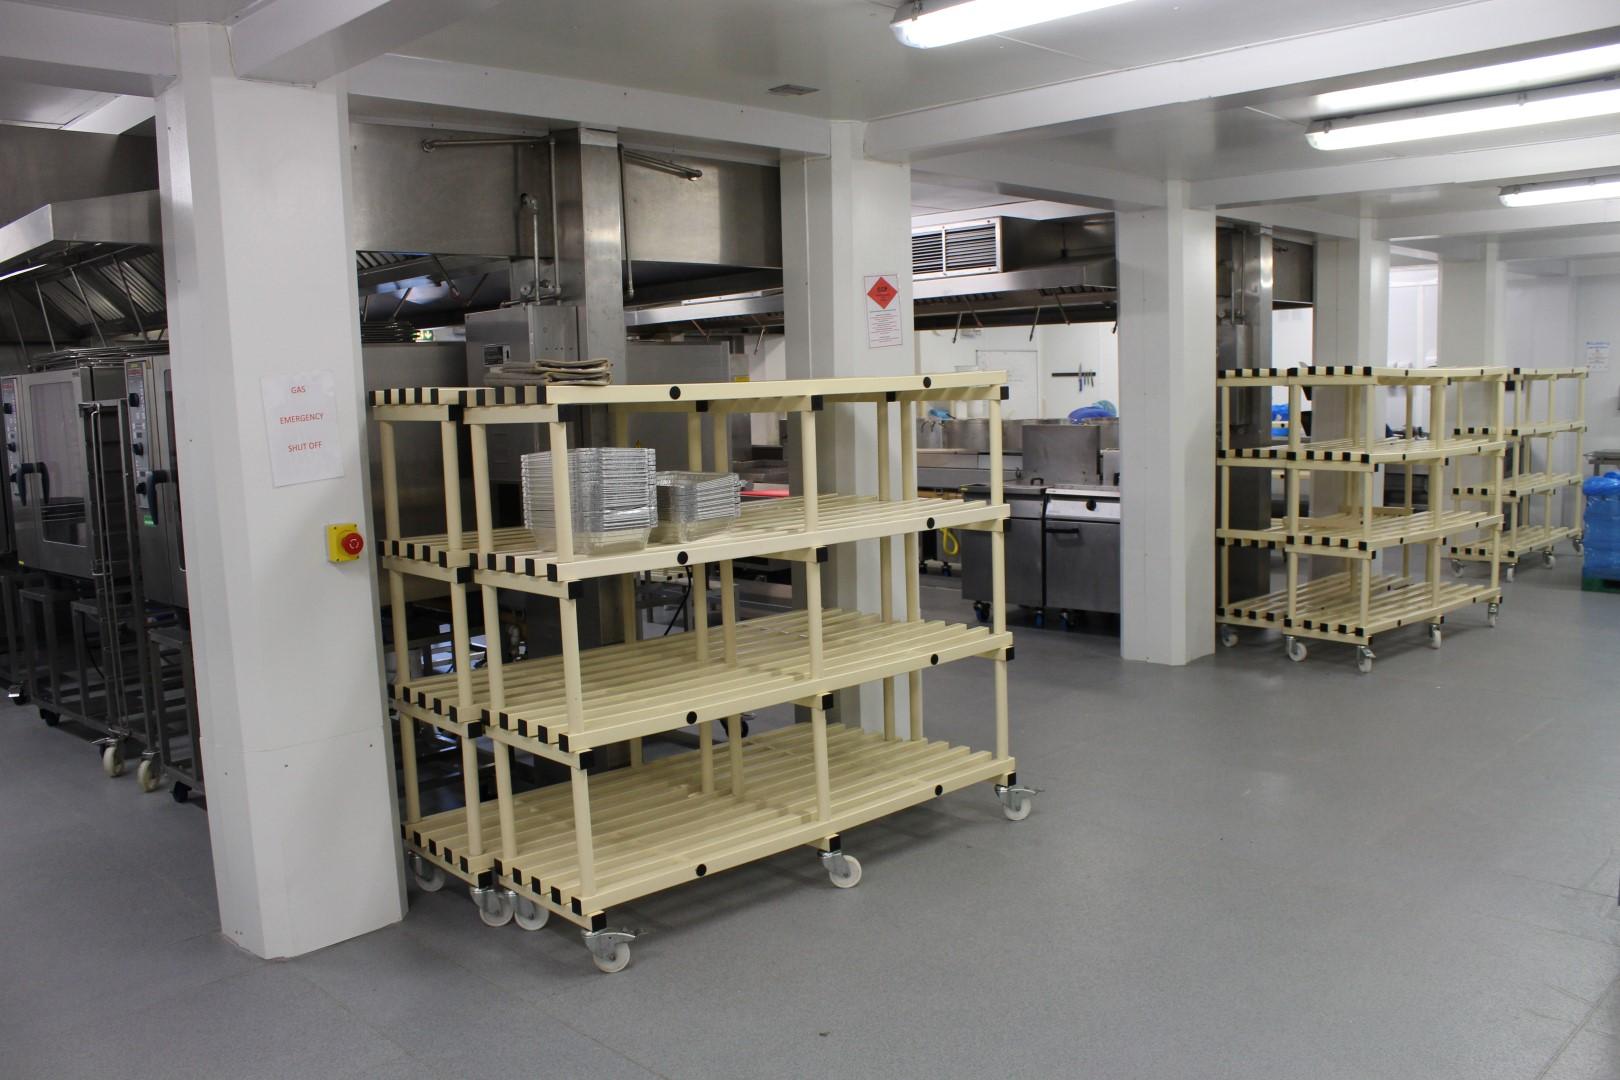 Temporary Development Kitchen at Food Manufacturer